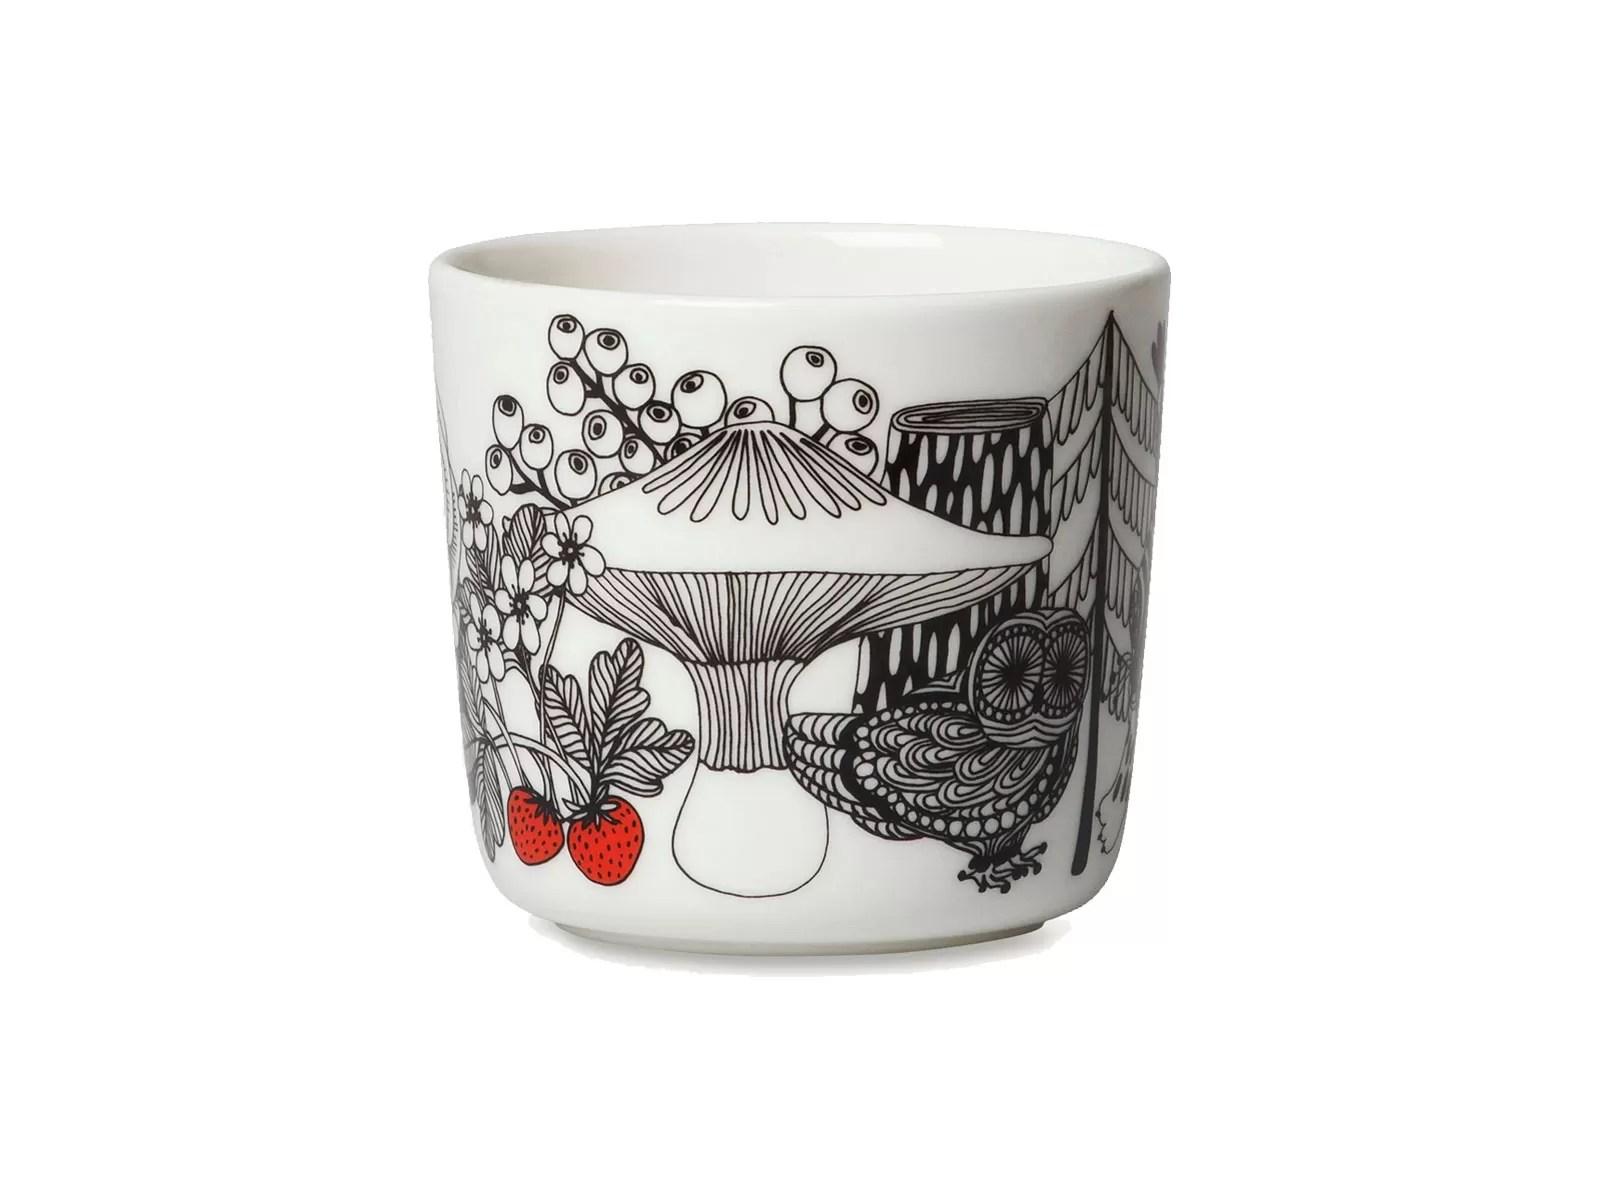 Tazzine da caffè autunno 2017 - Marimekko